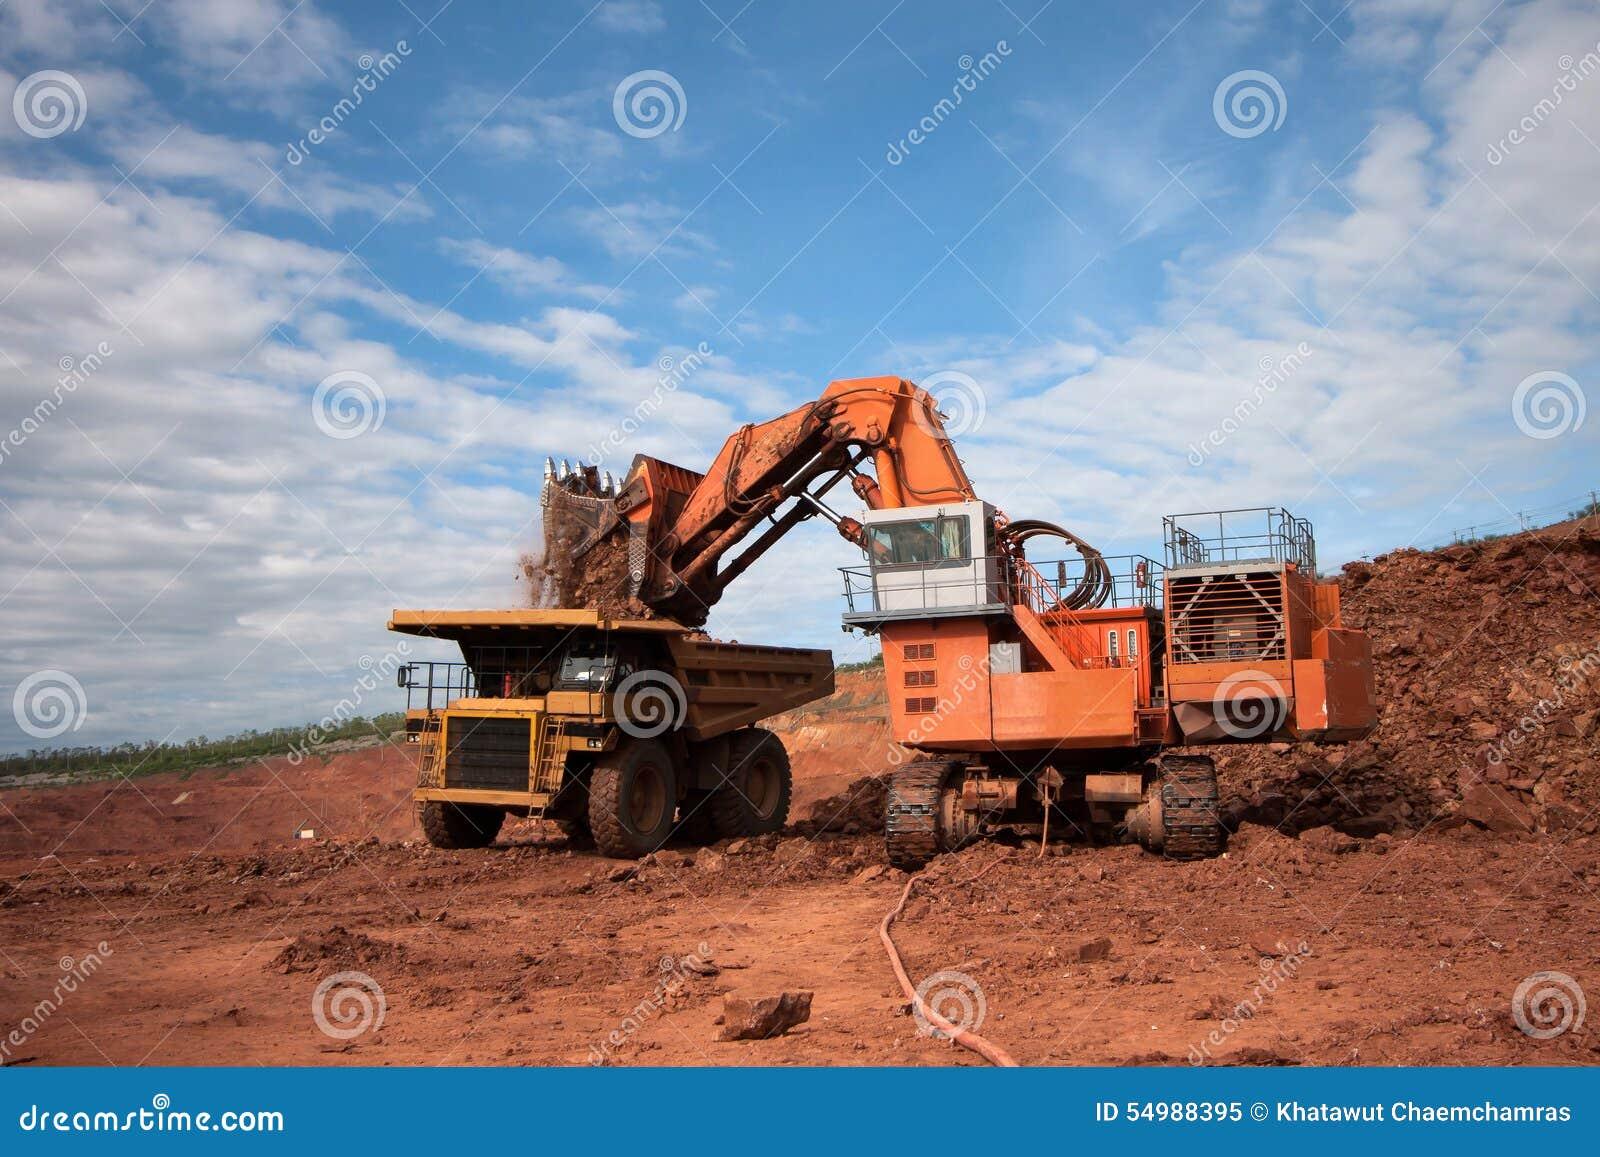 O caminhão está sendo carregado com o minério em um local da mina